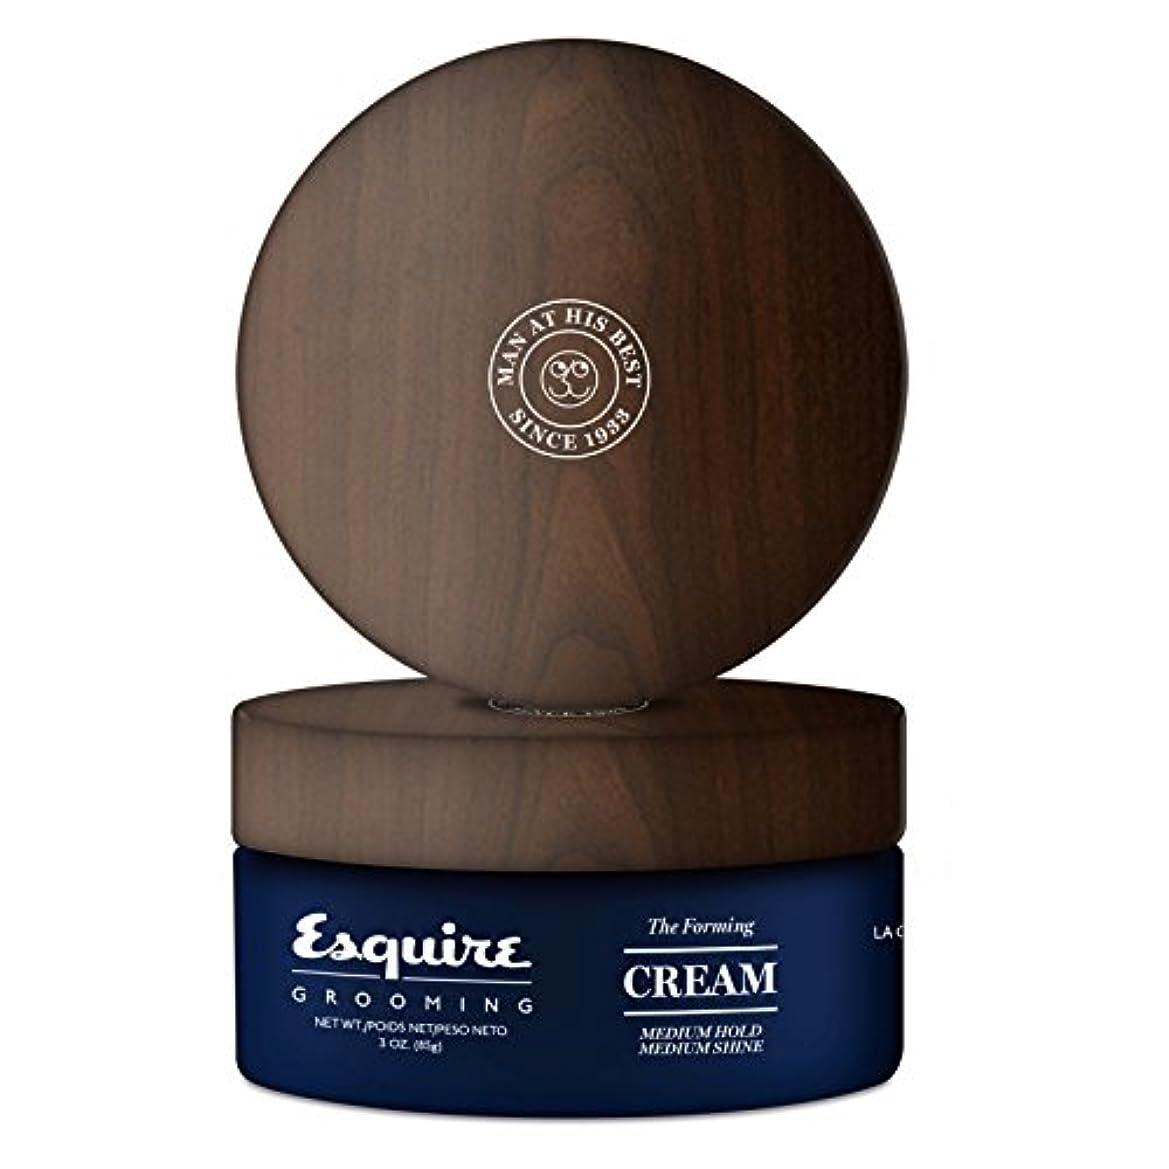 罪インタフェース応用CHI Esquire Grooming The Forming Cream (Medium Hold, Medium Shine) 85g/3oz並行輸入品